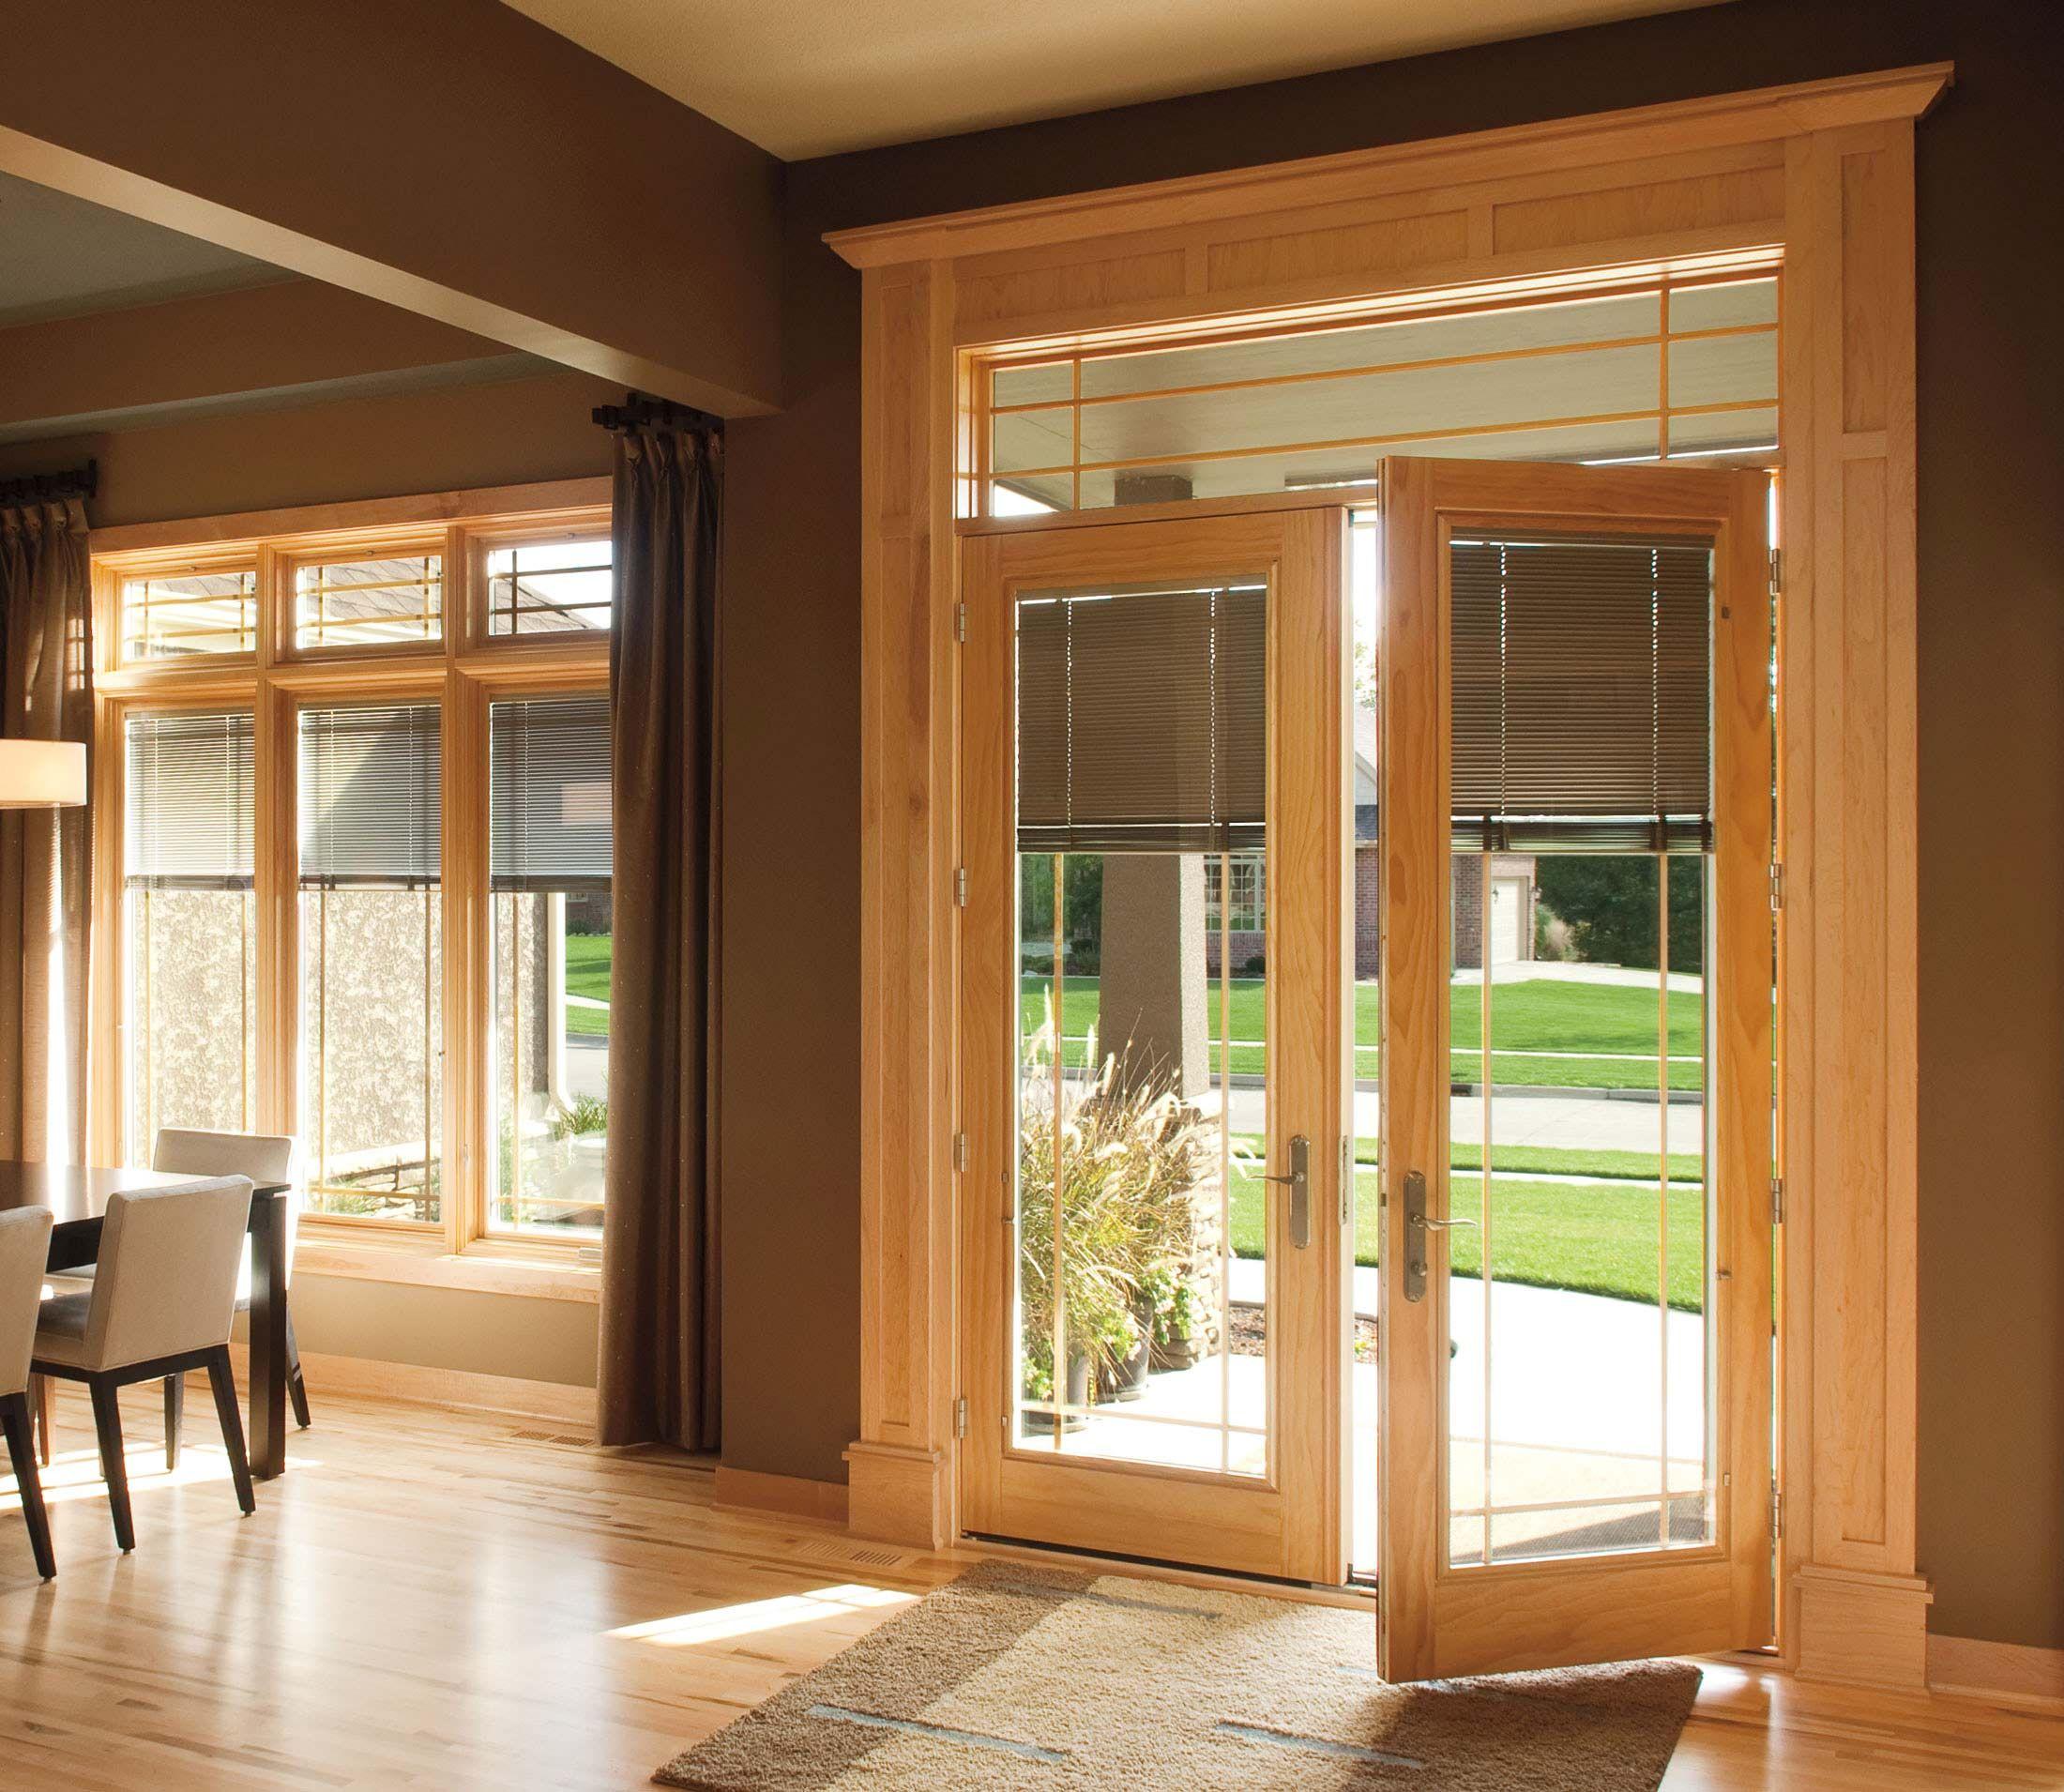 pella designer series hinged patio doors offer innovative between